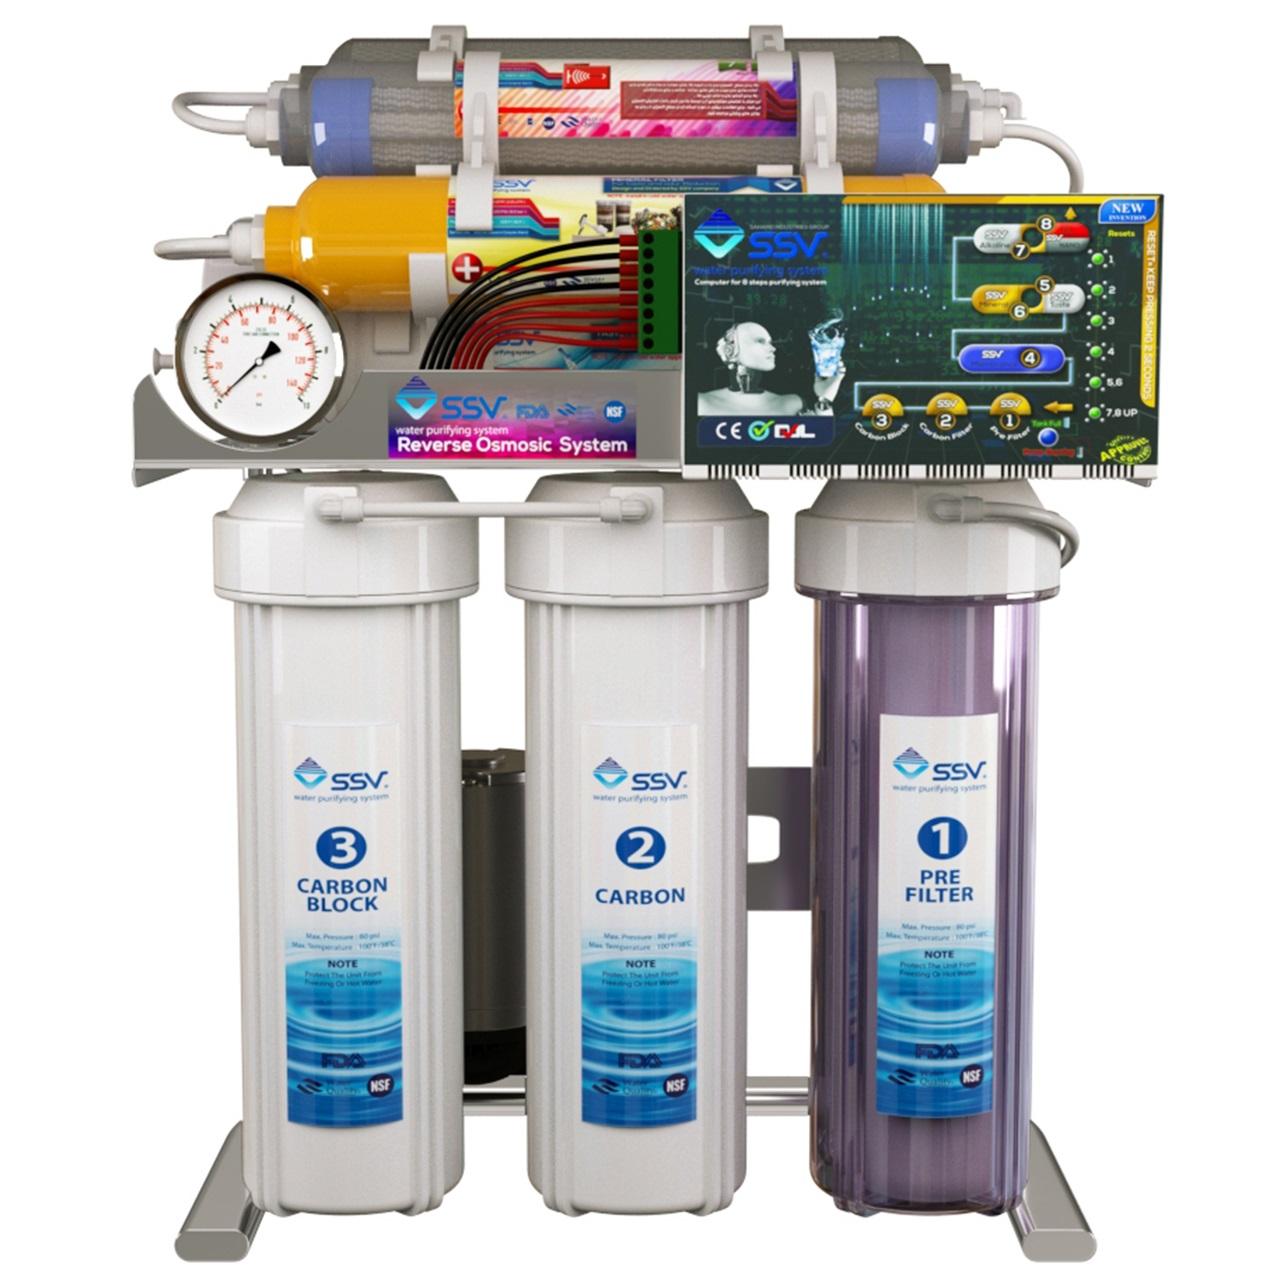 دستگاه تصفیه کننده آب خانگی اس اس وی مدل Smart SuperSpring S1000